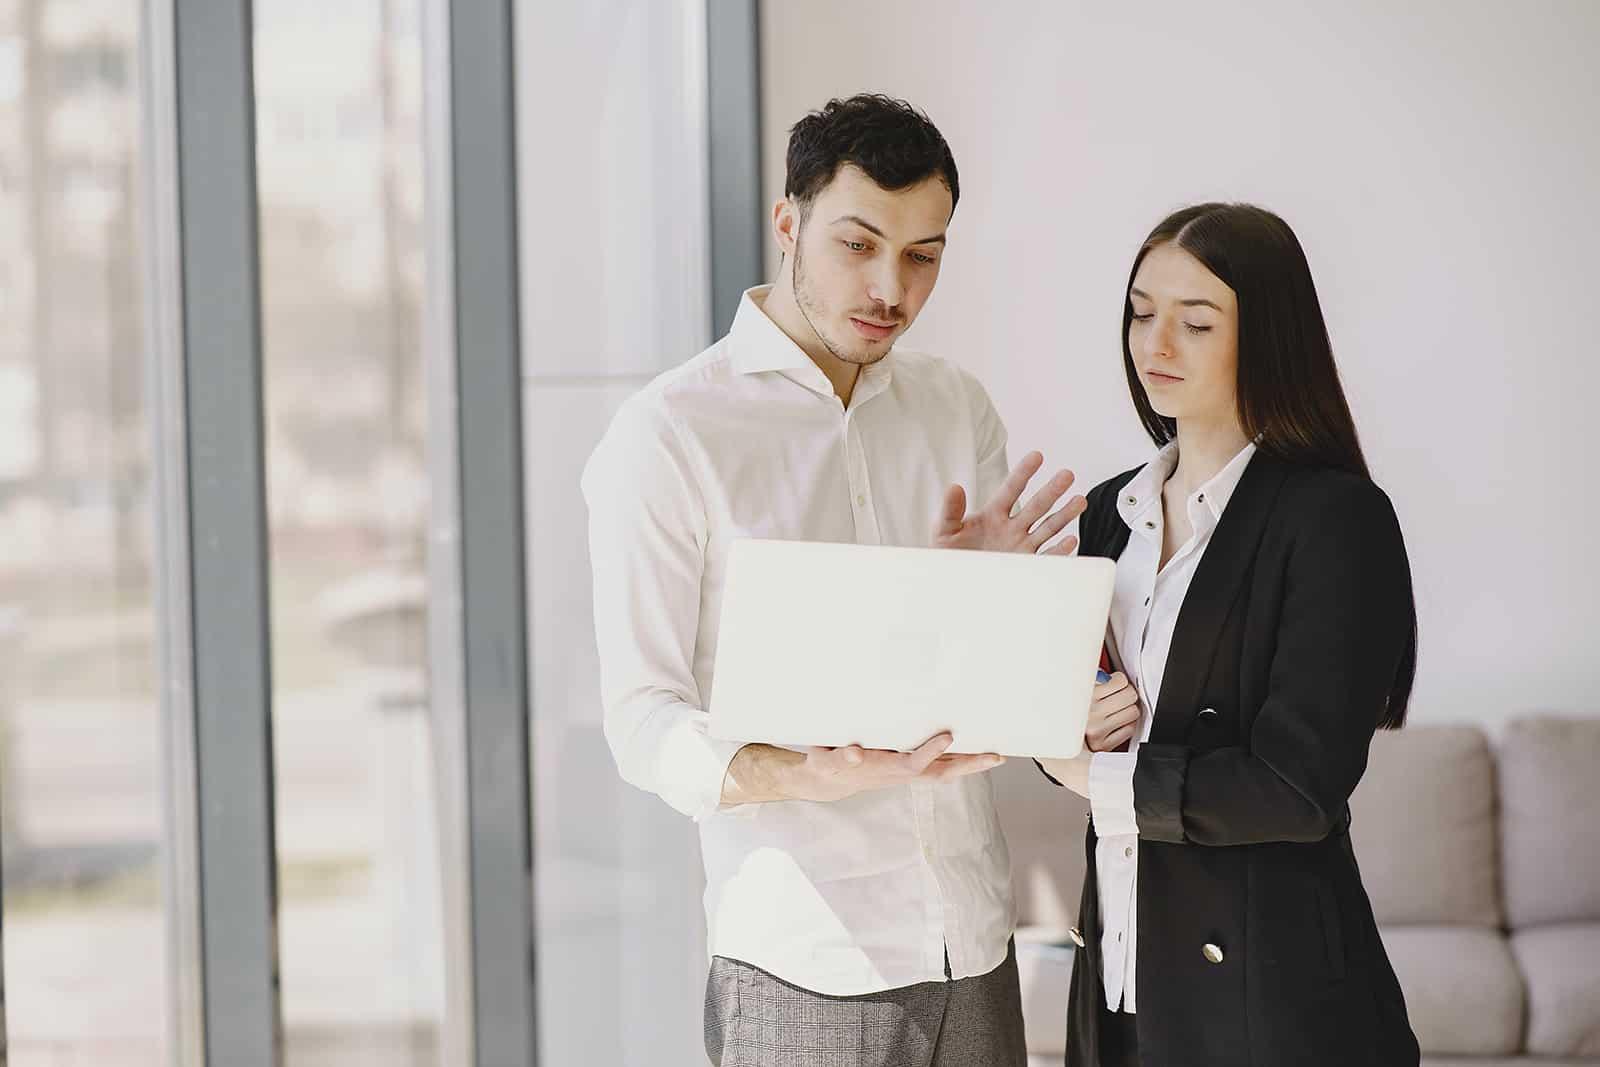 Ein Mann mit einem Laptop spricht mit einer Kollegin, während er nahe beieinander steht